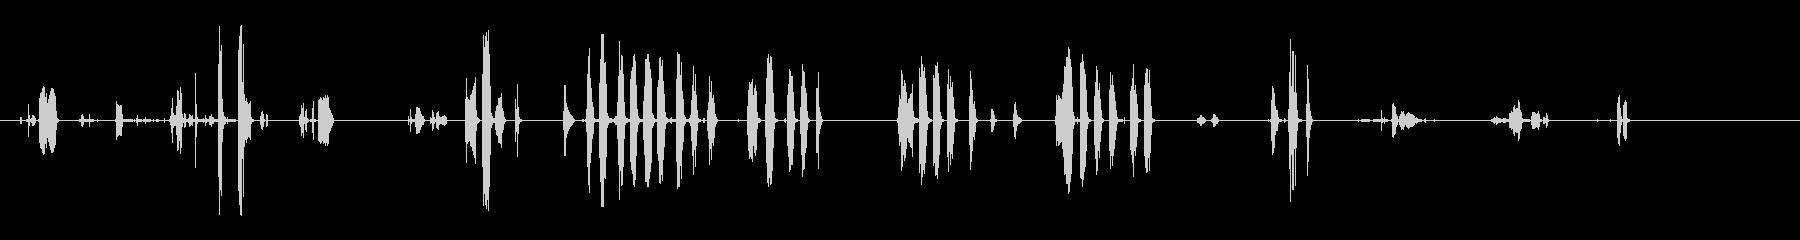 カラスの話-閉じる-鳥の未再生の波形